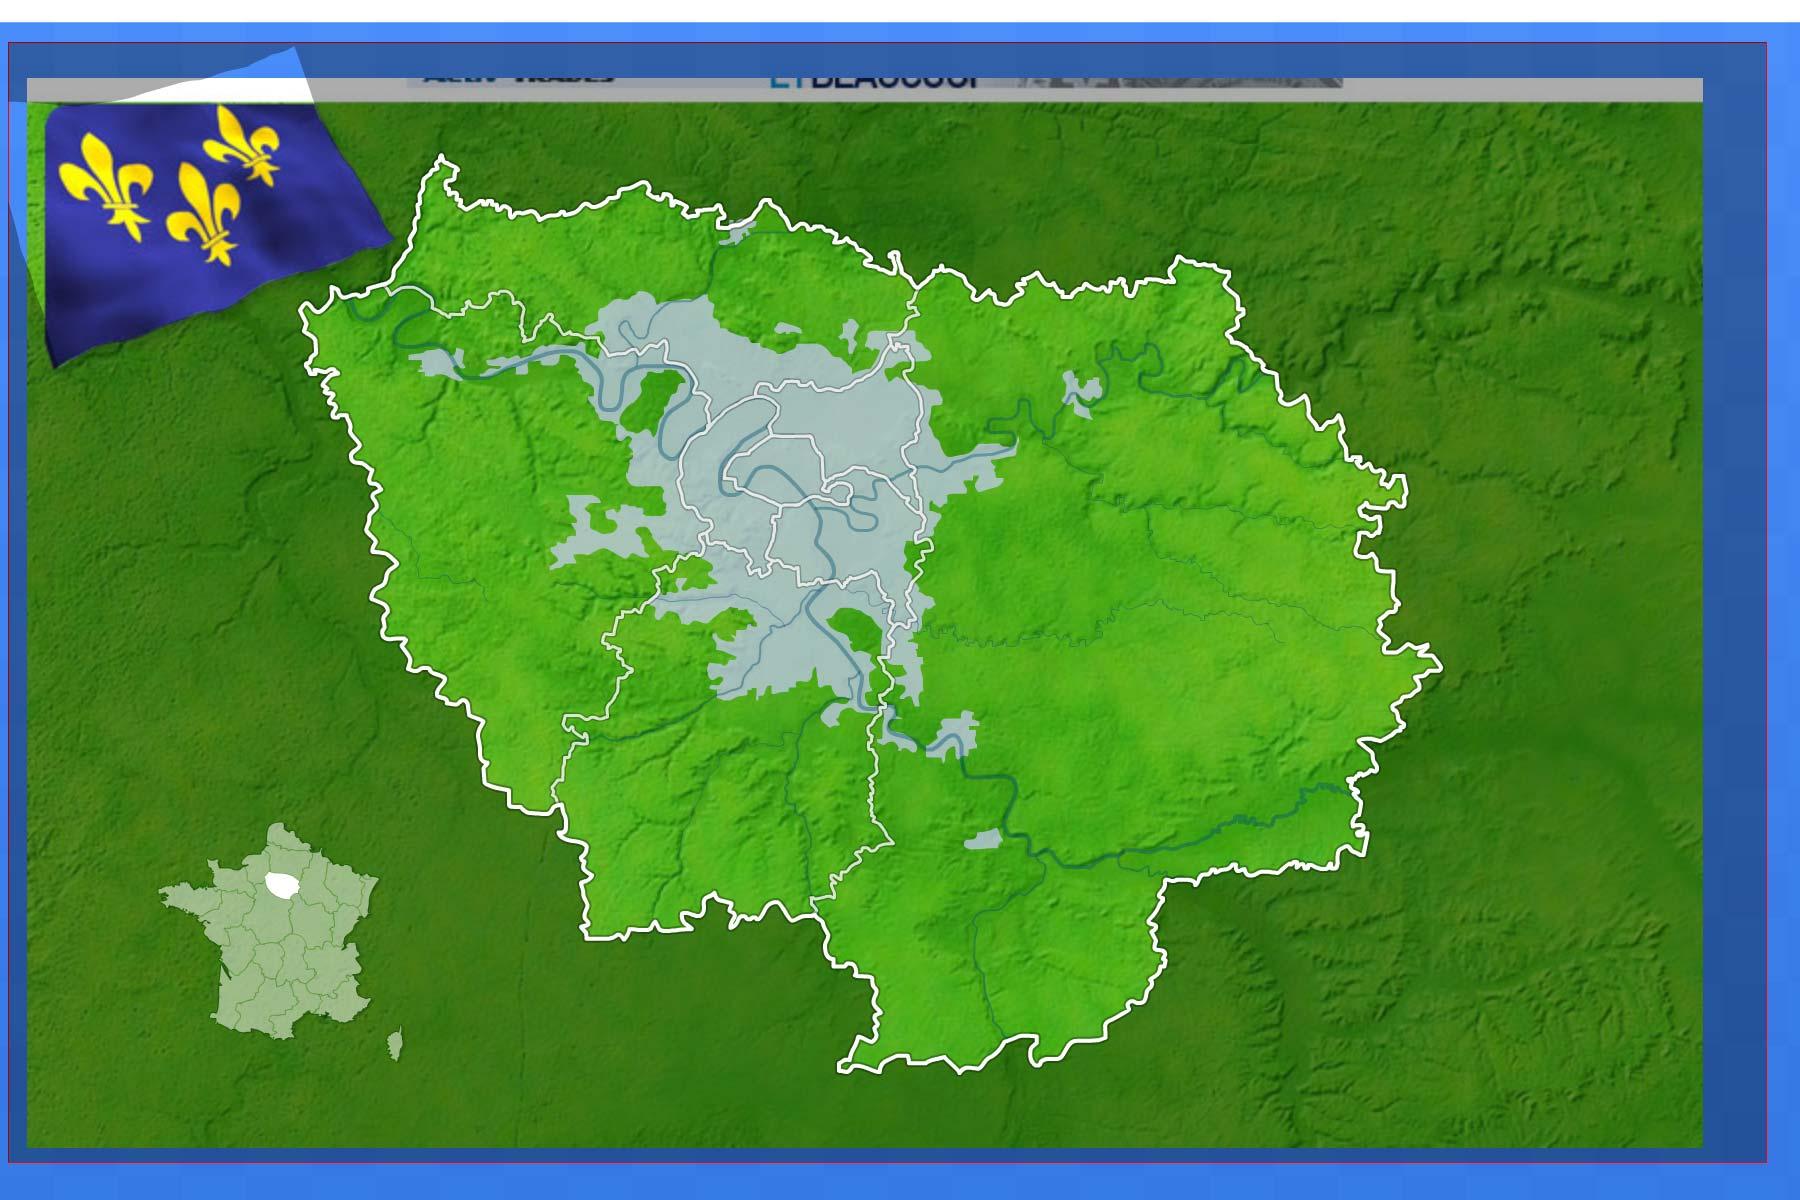 Jeux-Geographiques Jeux Gratuits Villes D Ile De France tout Jeux Géographique